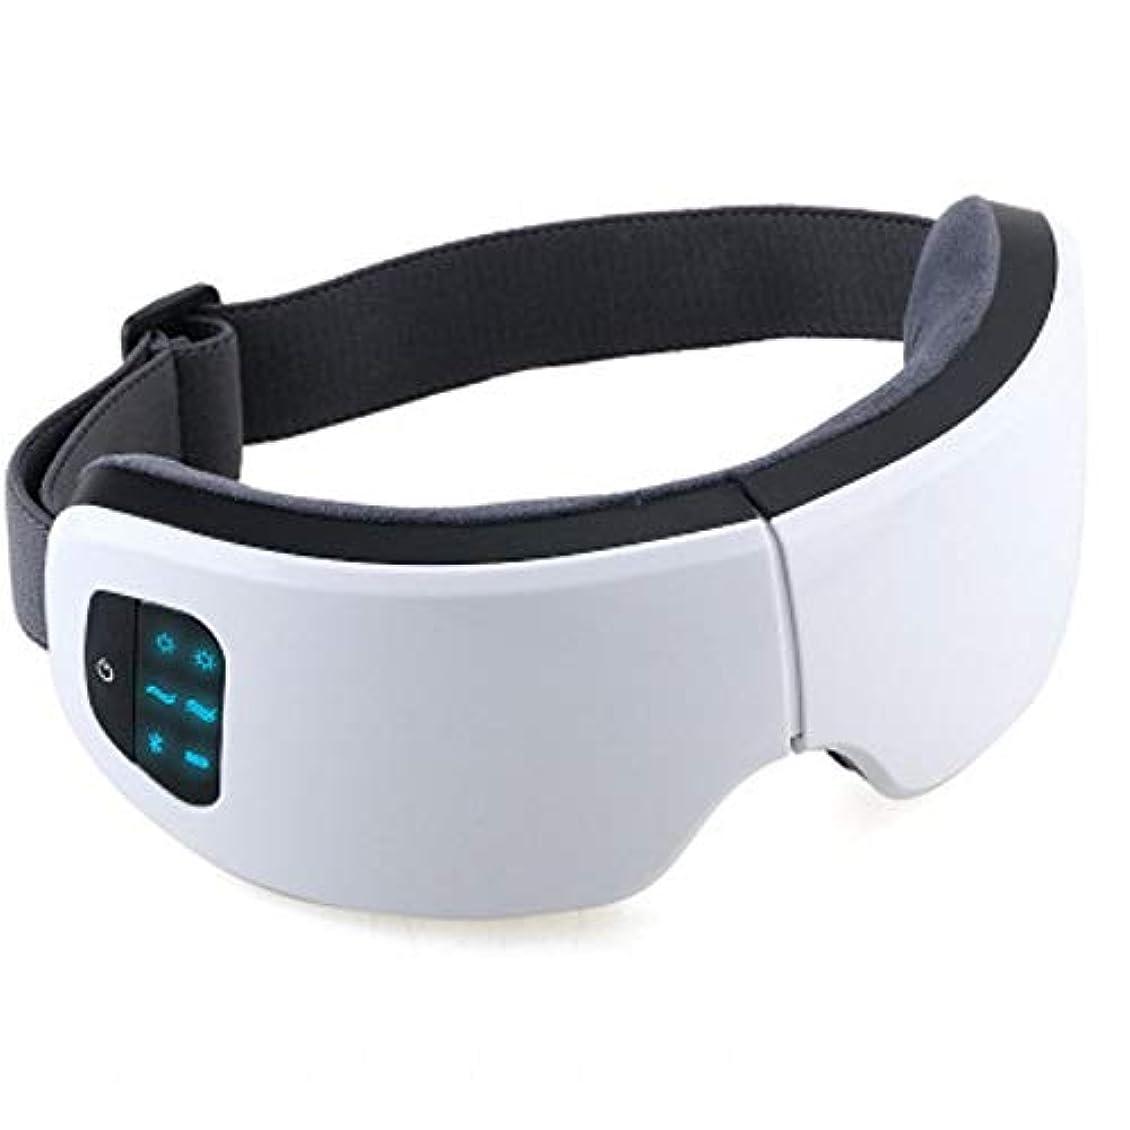 安西個人研磨剤Ostulla 高度の目のマッサージャー、暖房モードの無線再充電可能な折る目のマッサージャー 気配りの行き届いたサービス